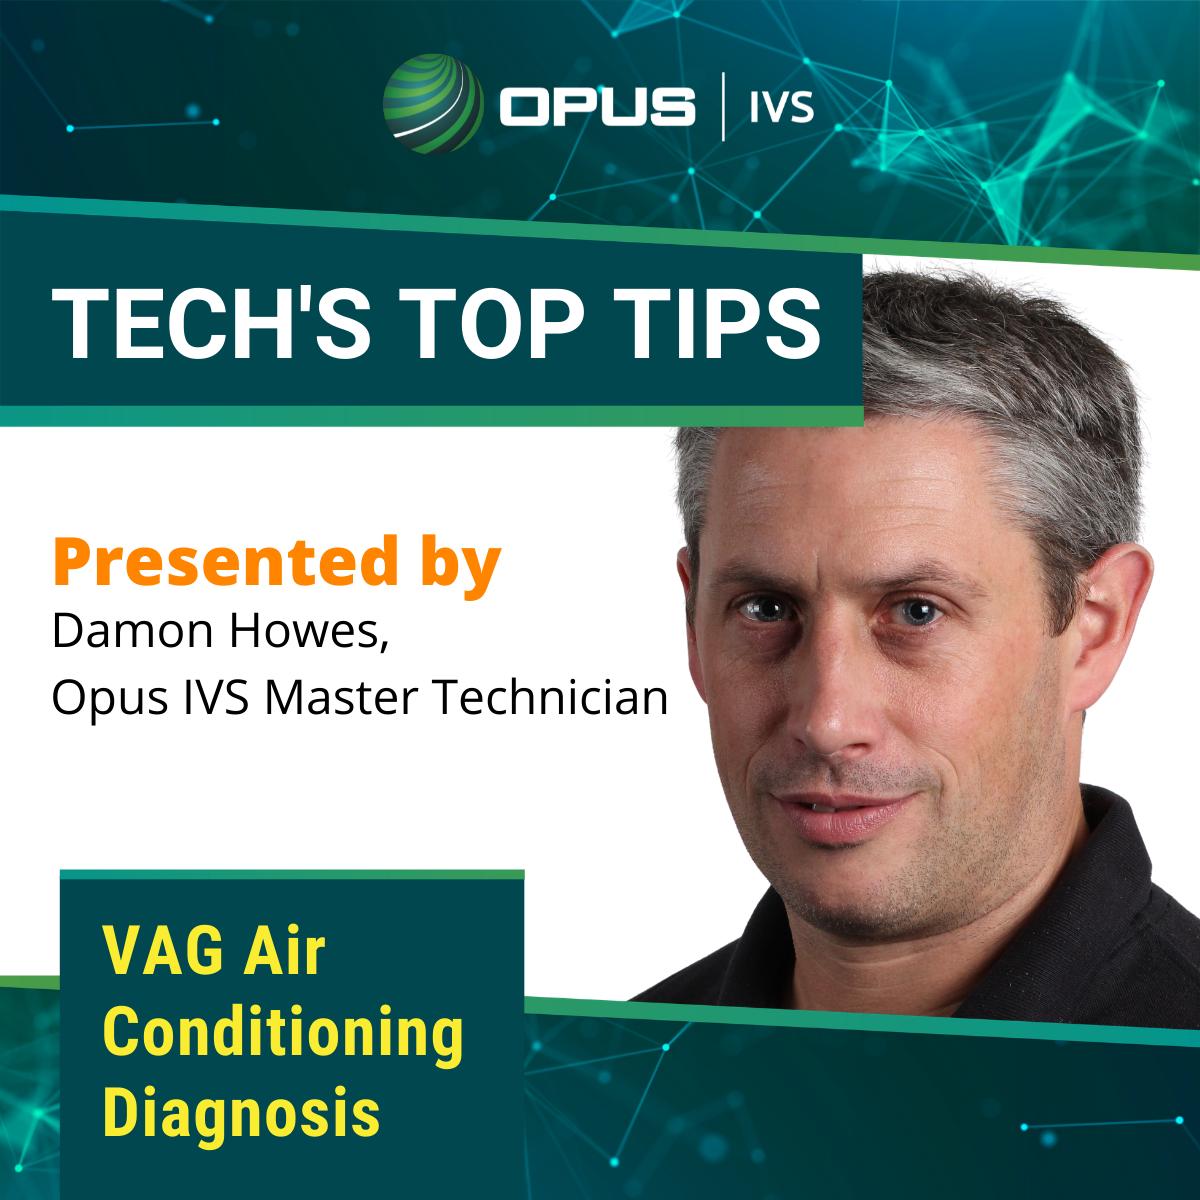 VAG Air Conditioning Diagnosis